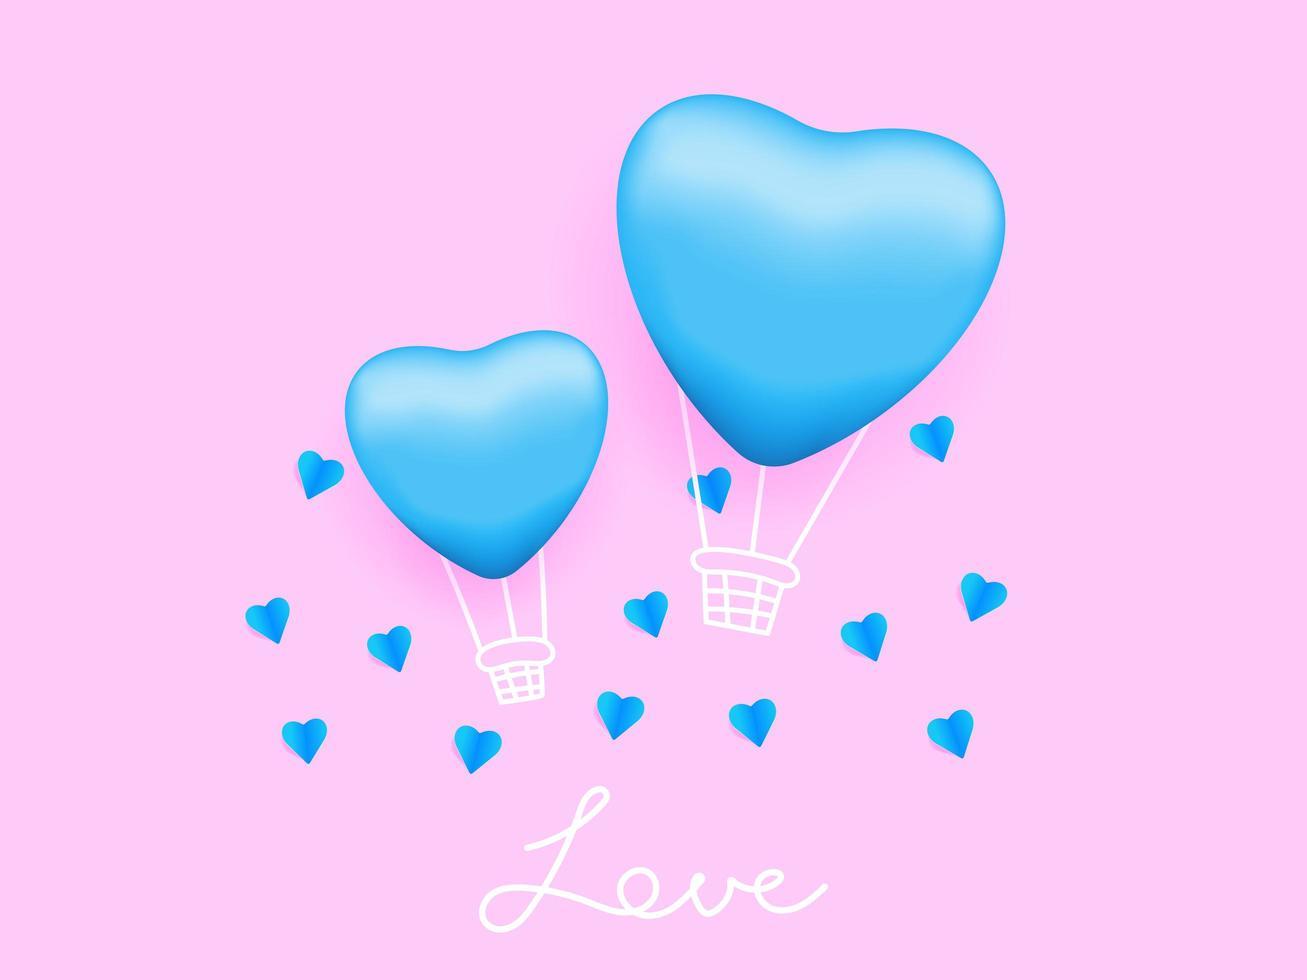 Liebe in der Luft, Herzform Ballon mit rosa Hintergrund vektor